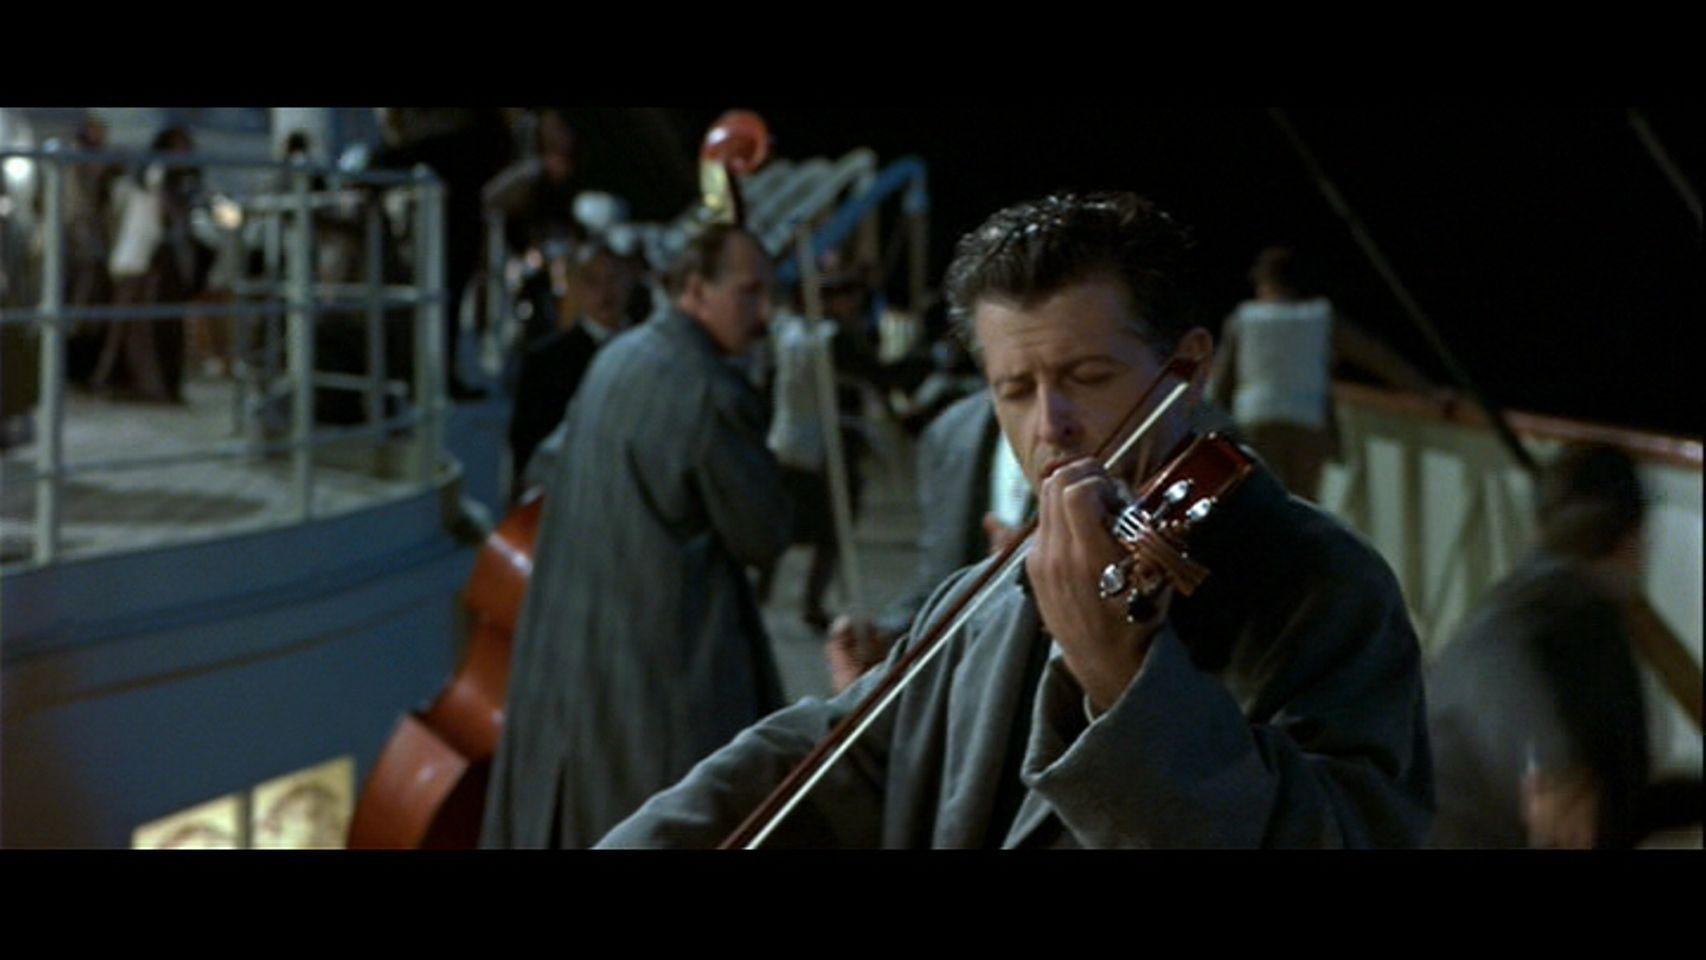 Titanic [1997] - Titanic Image (22287932) - Fanpop